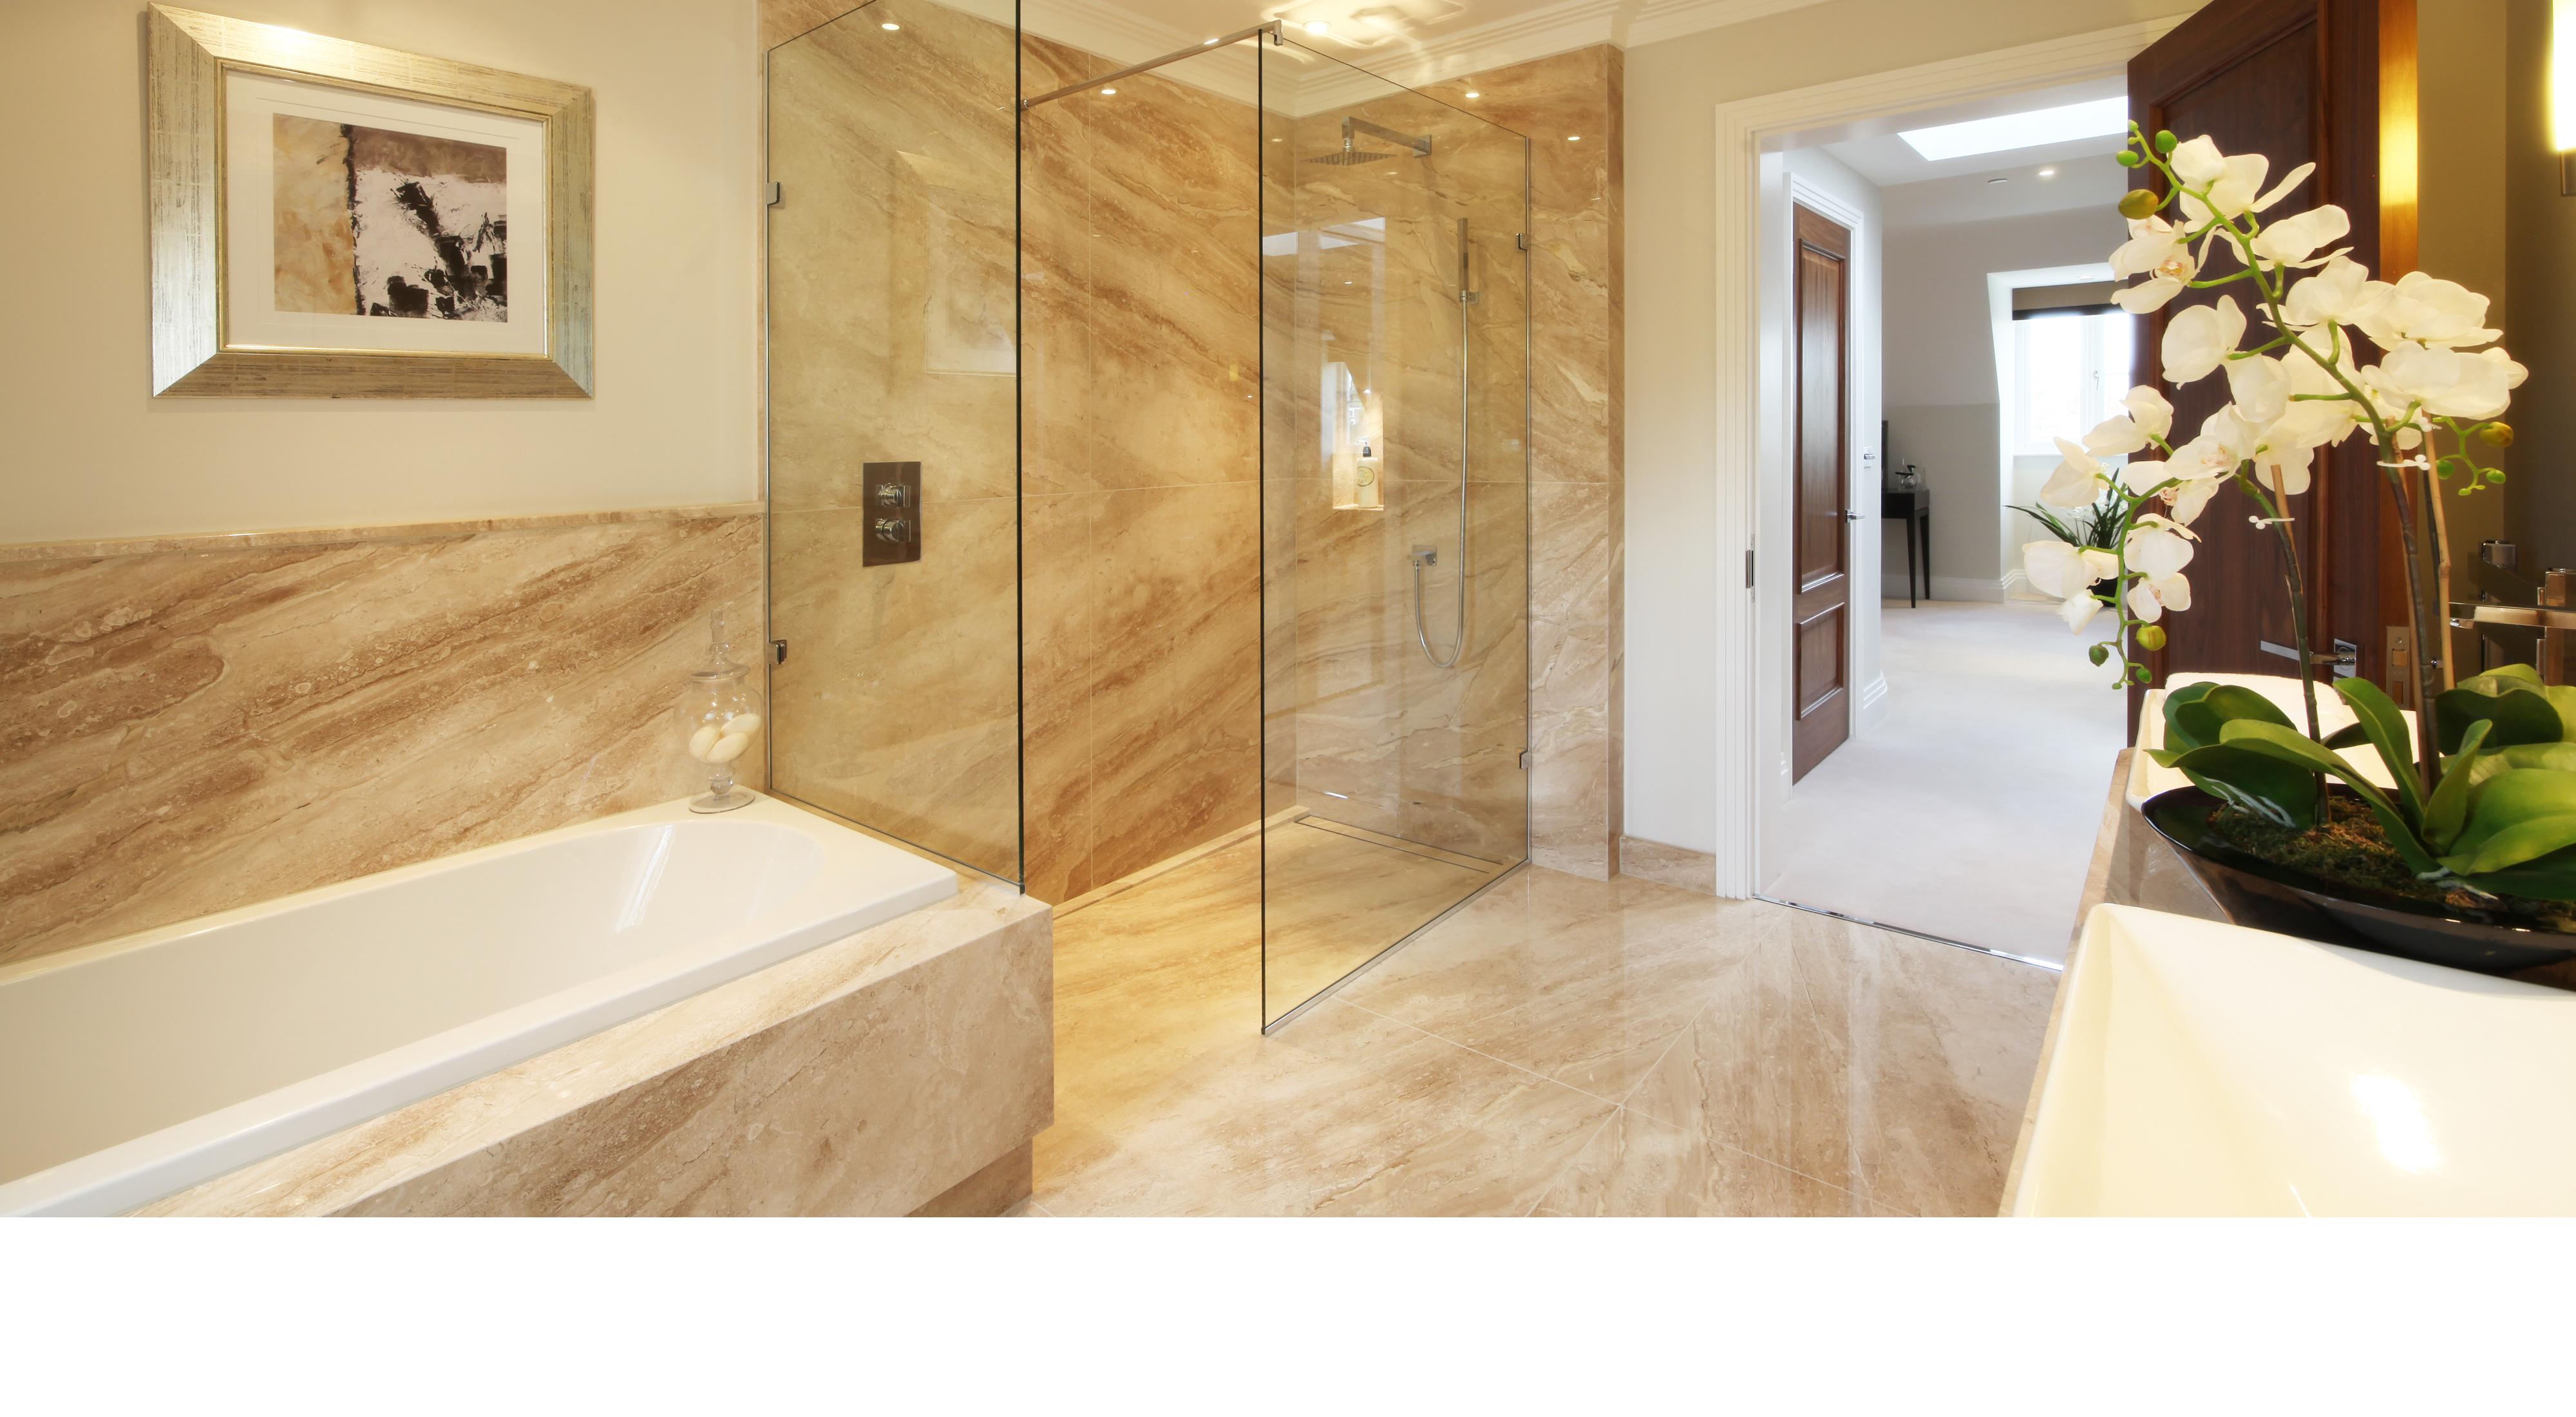 Wetroom-Gallery-Slider-2-round-2